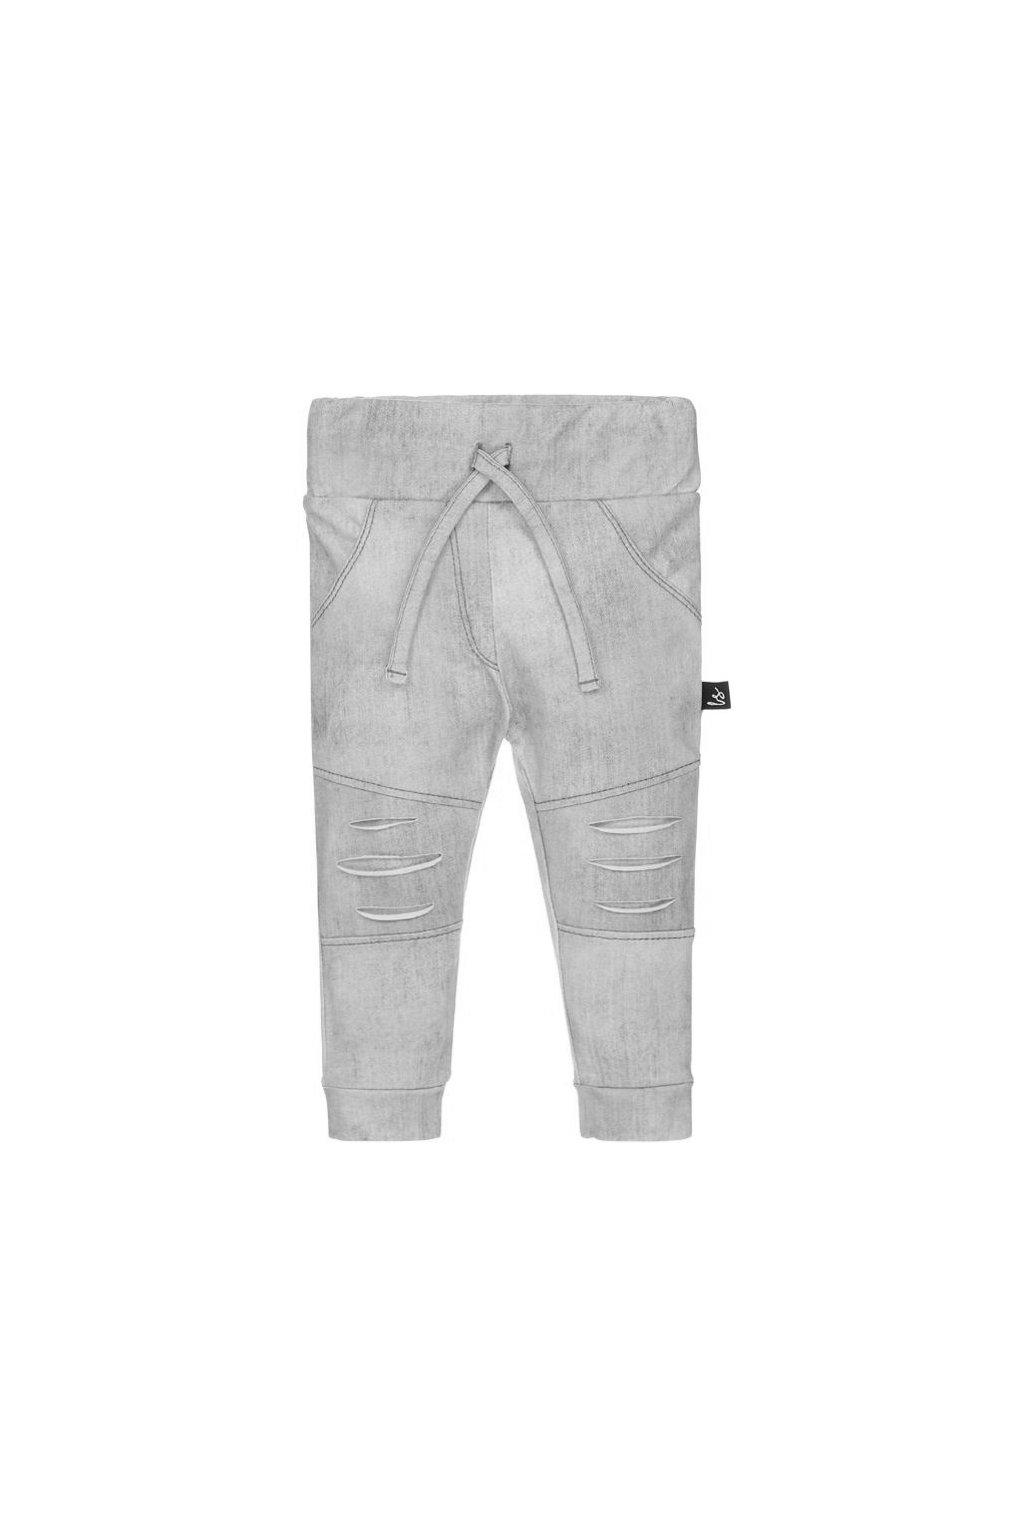 ripped broekje jeanslook grijs babystyling (1)